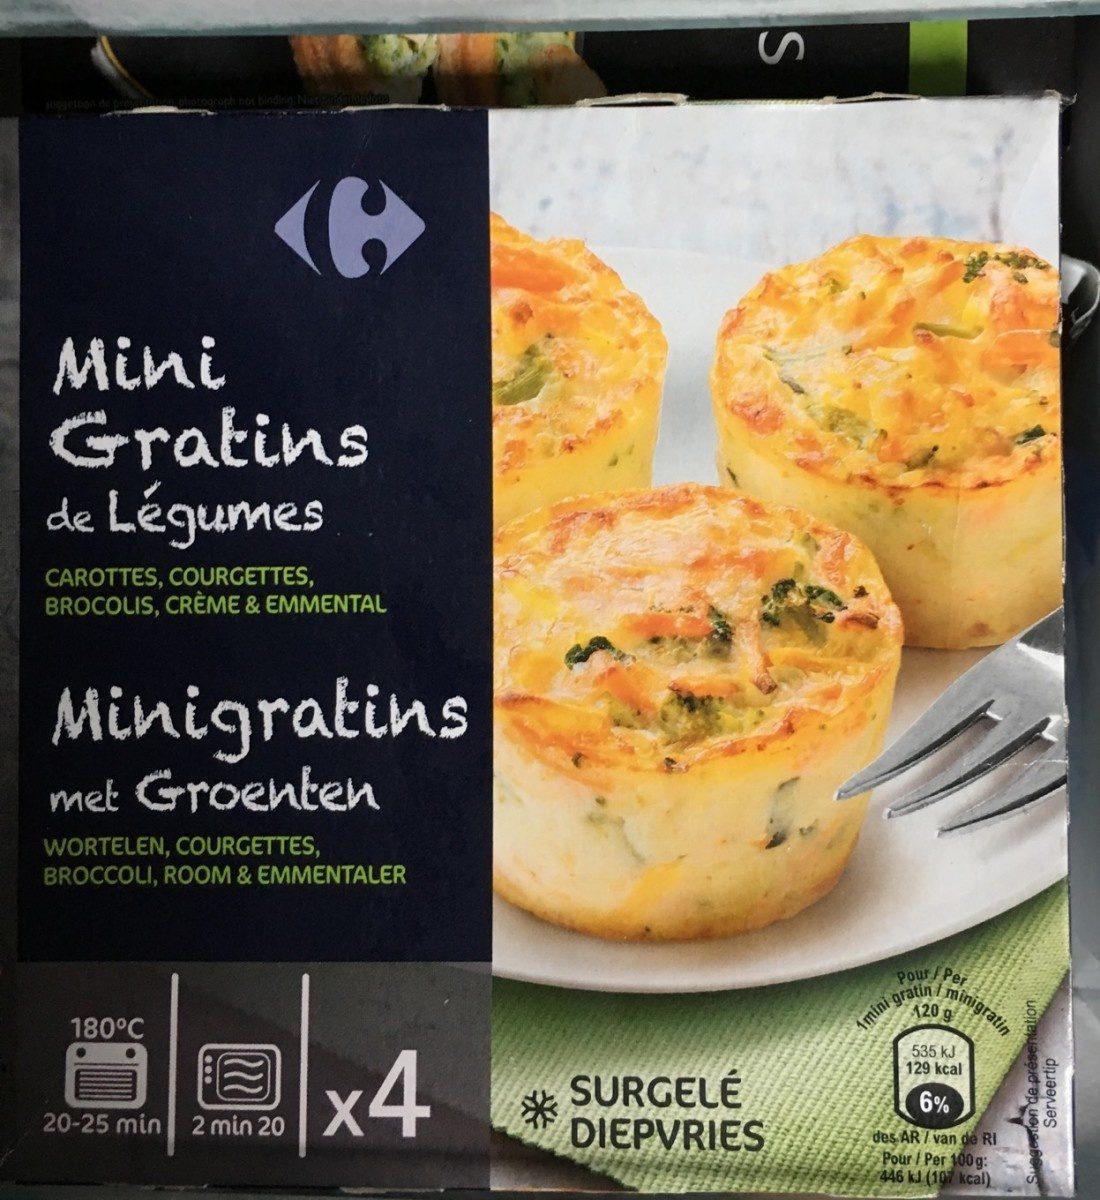 Mini gratins de legumes - Product - fr